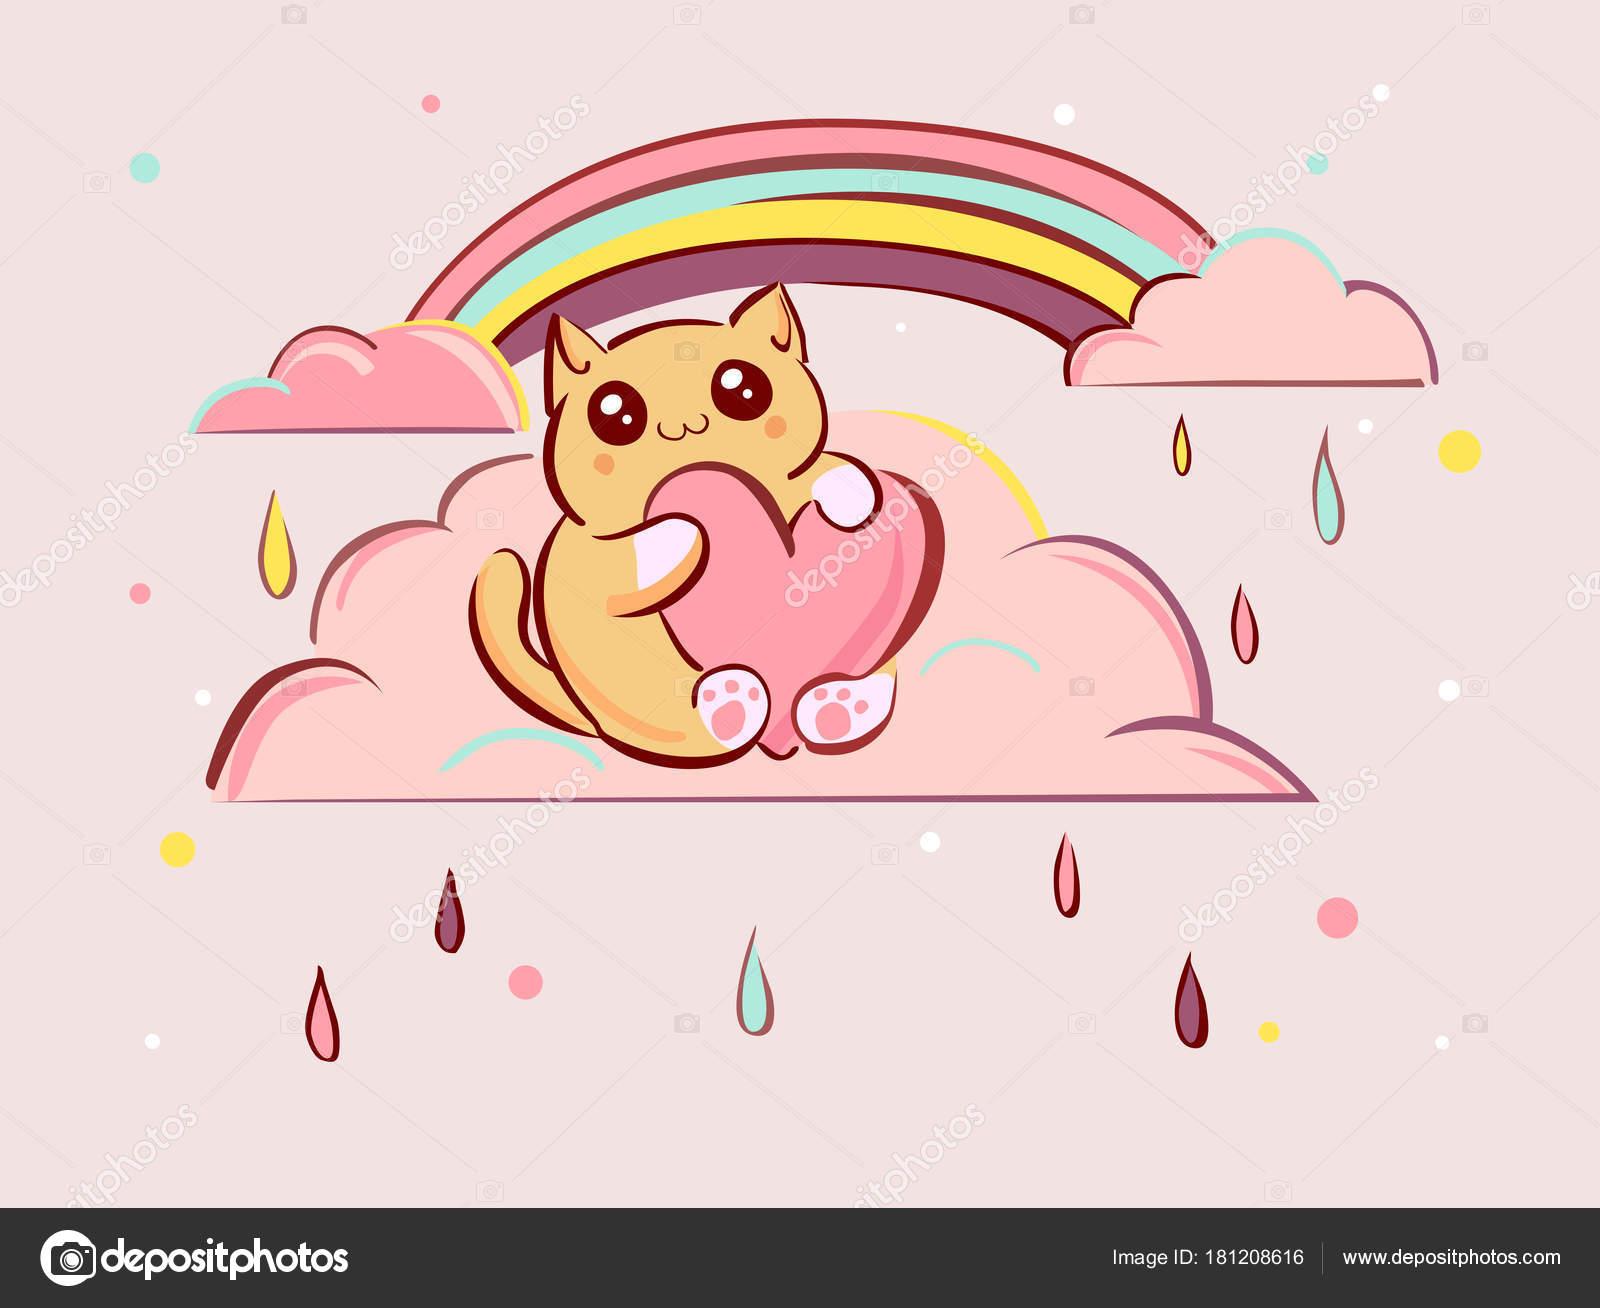 Dessin de chat mignon kawaii dessin de manga - Dessin de chat kawaii ...